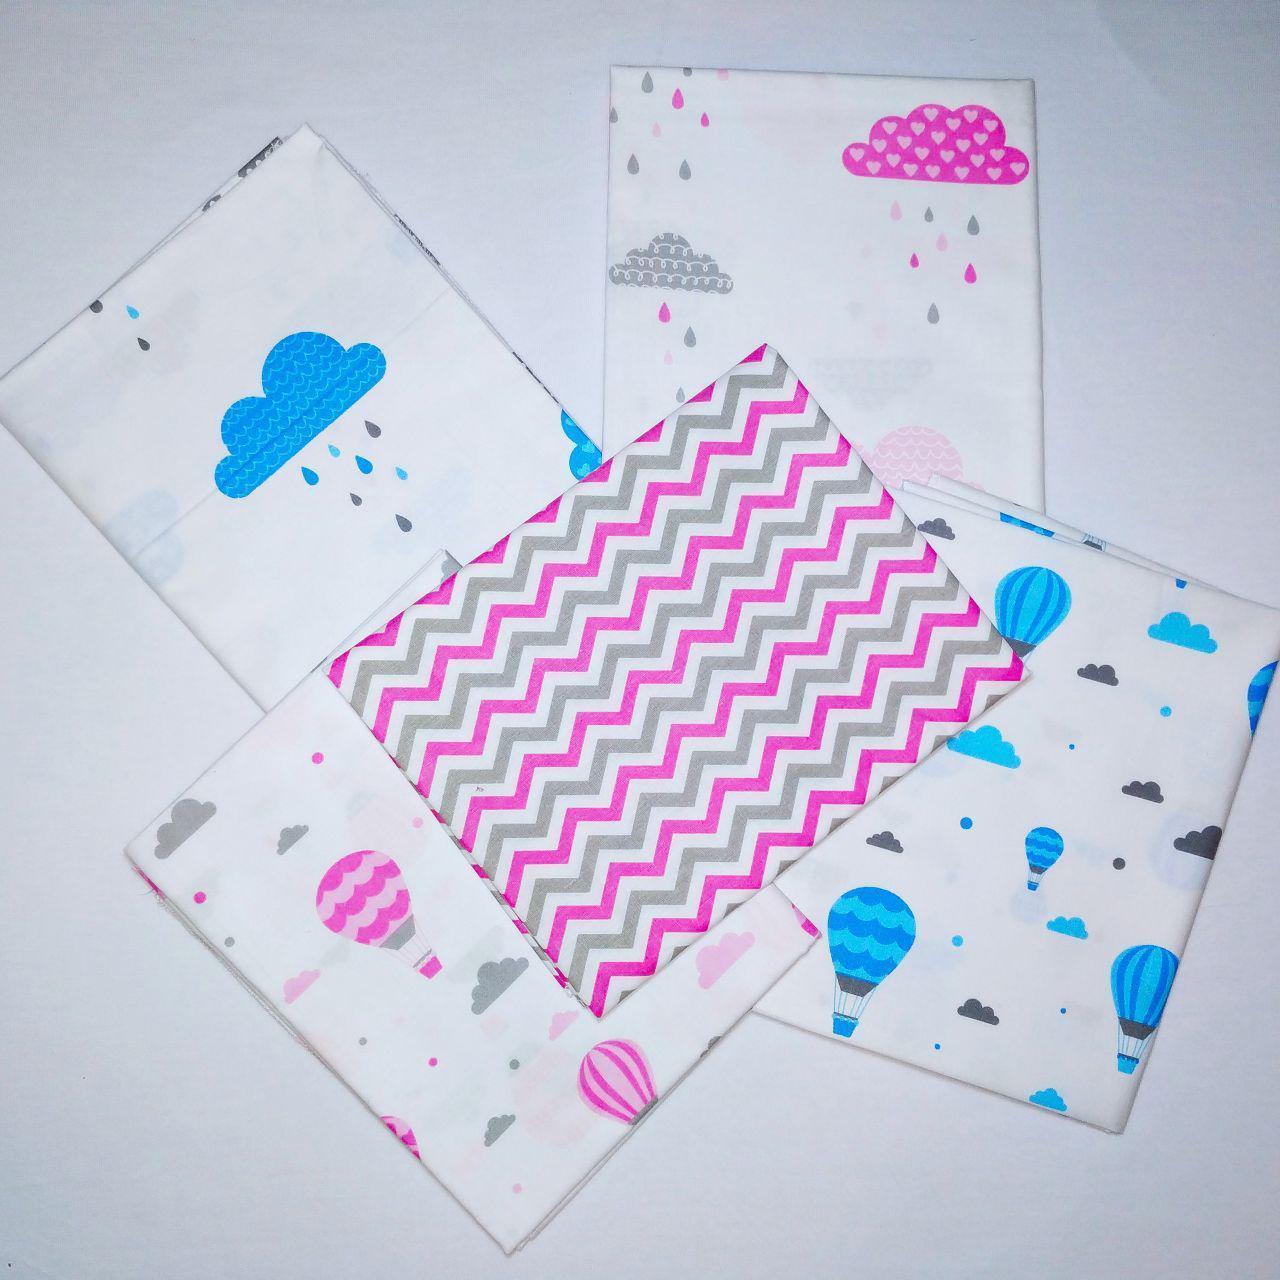 Хлопковая пеленка для новорожденных 80*100см | Бавовняна пелюшка для новонароджених 80*100см